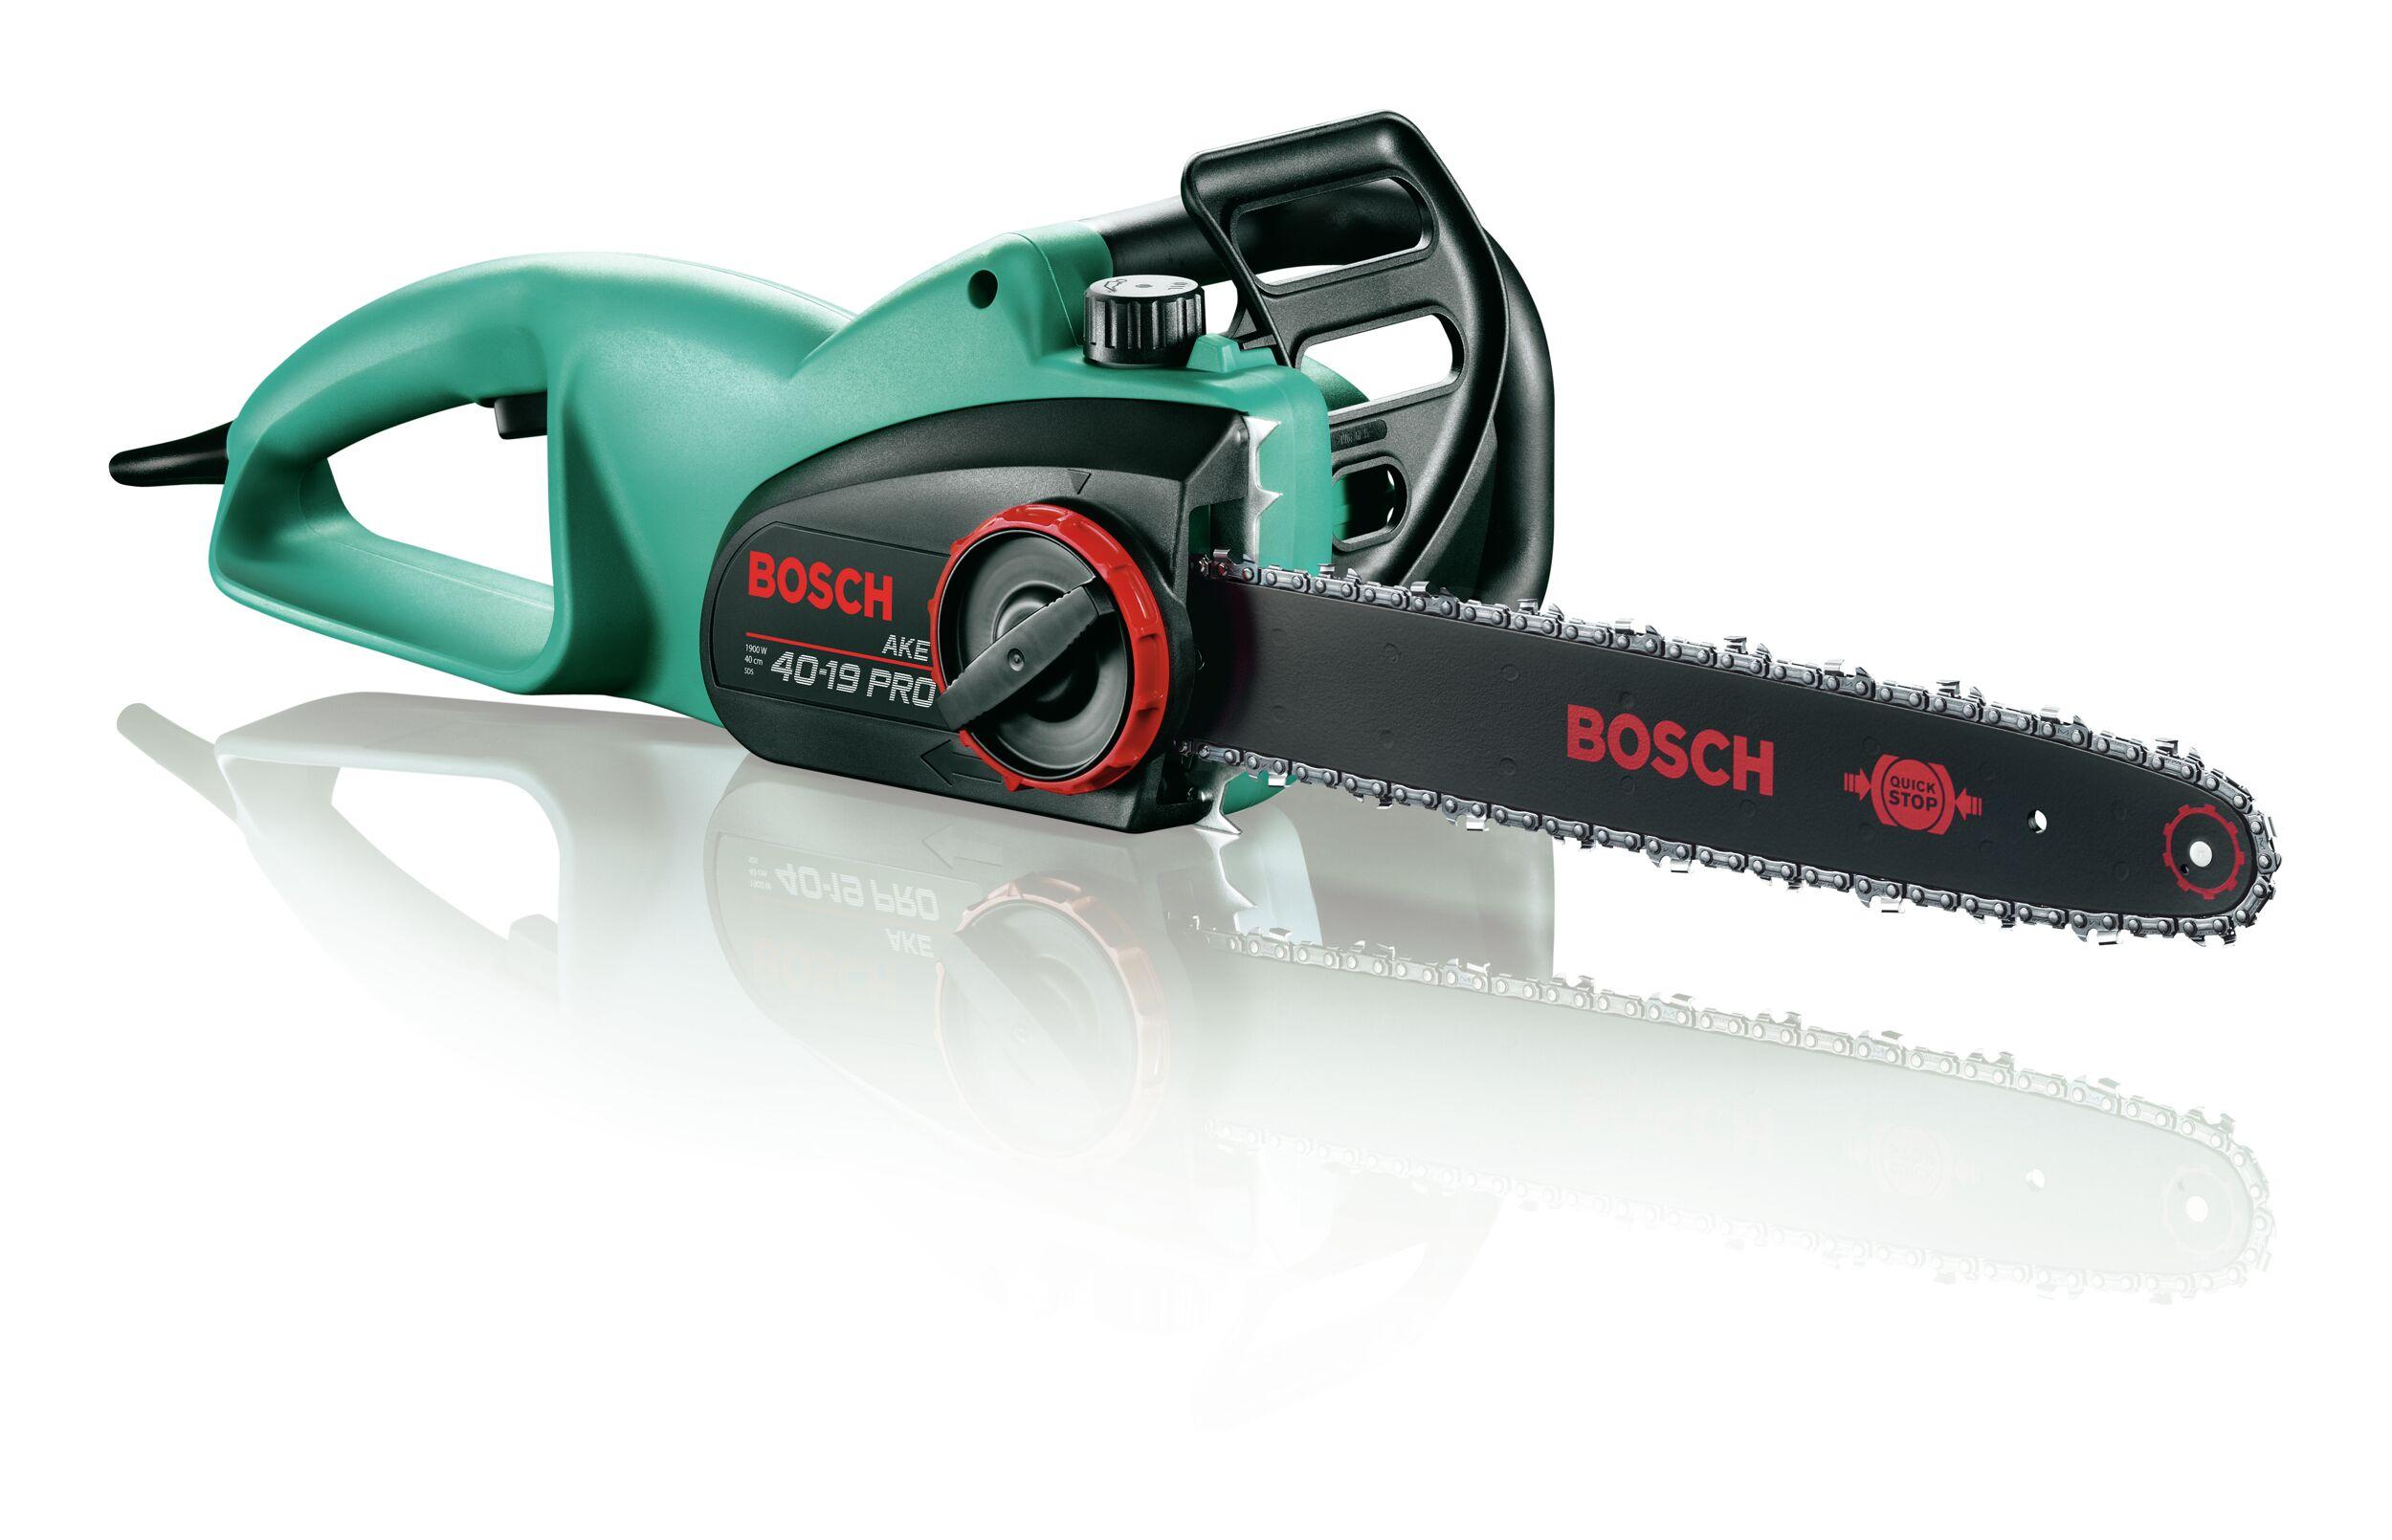 Bosch Garten AKE 40-19 Pro Kettensäge - im Tragekoffer - 0600836803